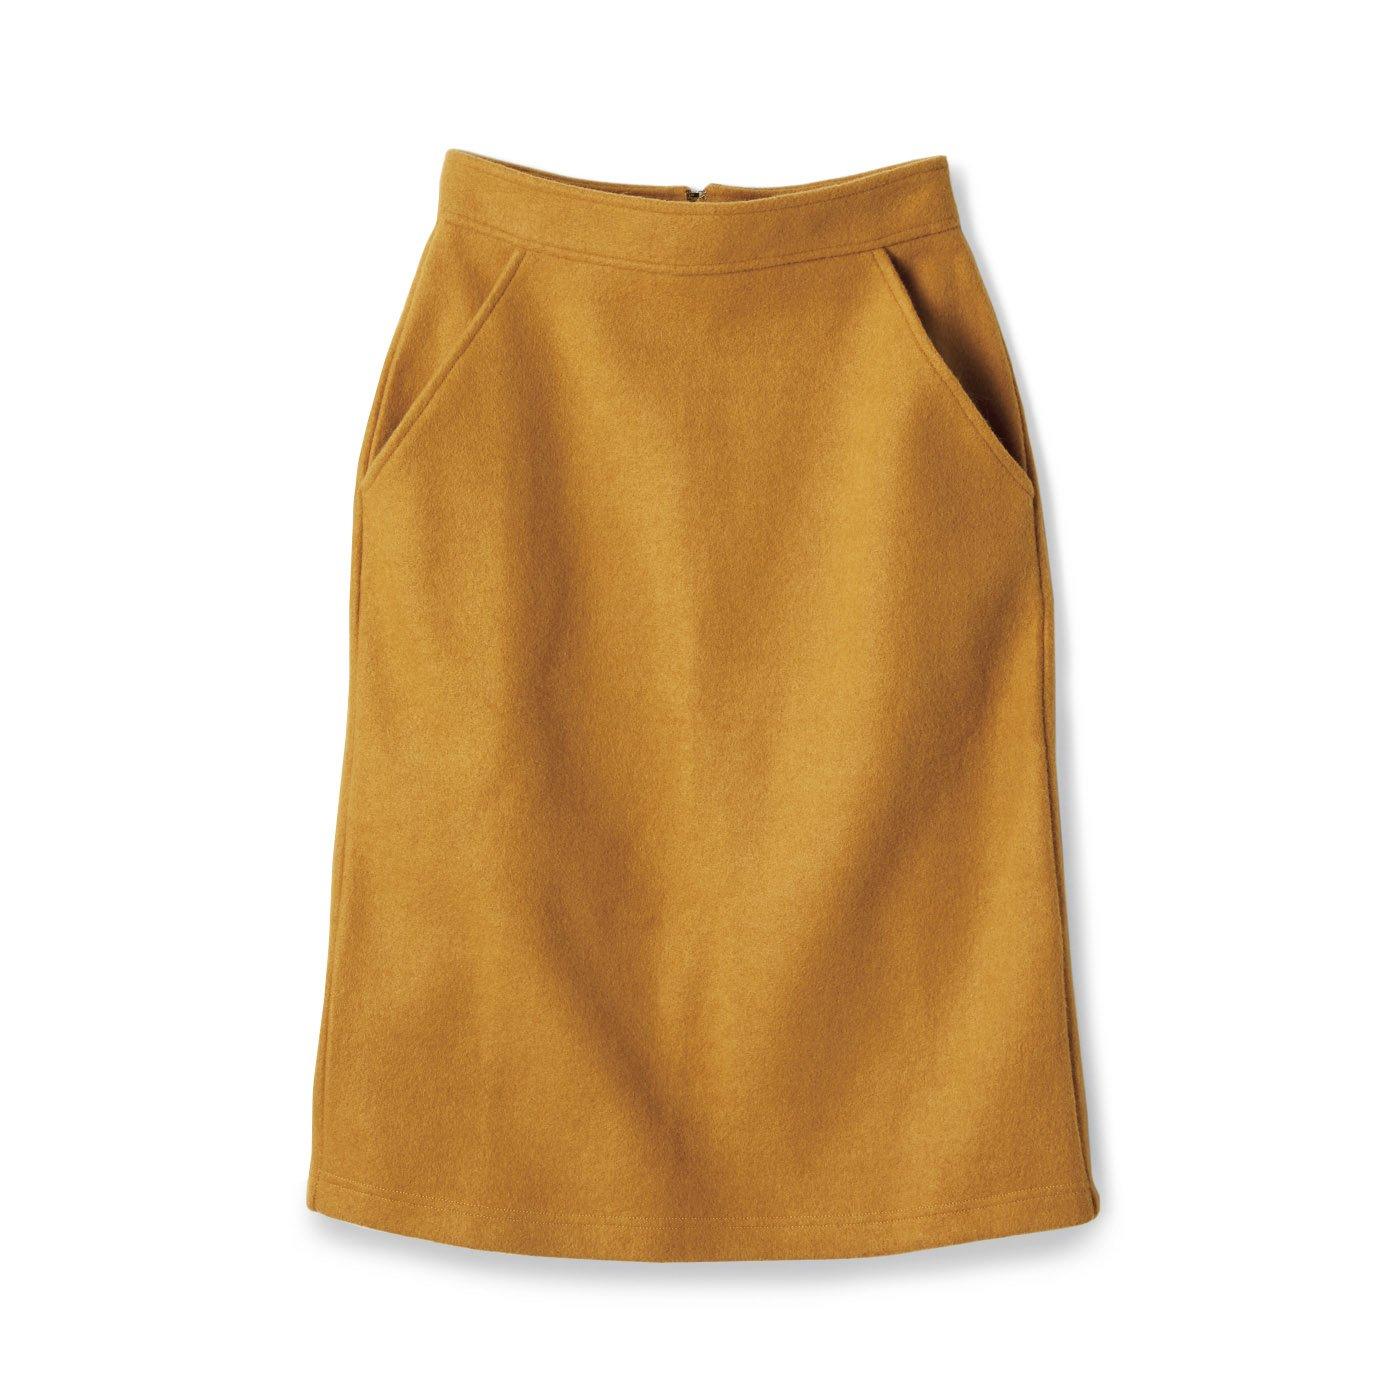 サニークラウズ 縮絨風味のスカート〈レディース〉山吹